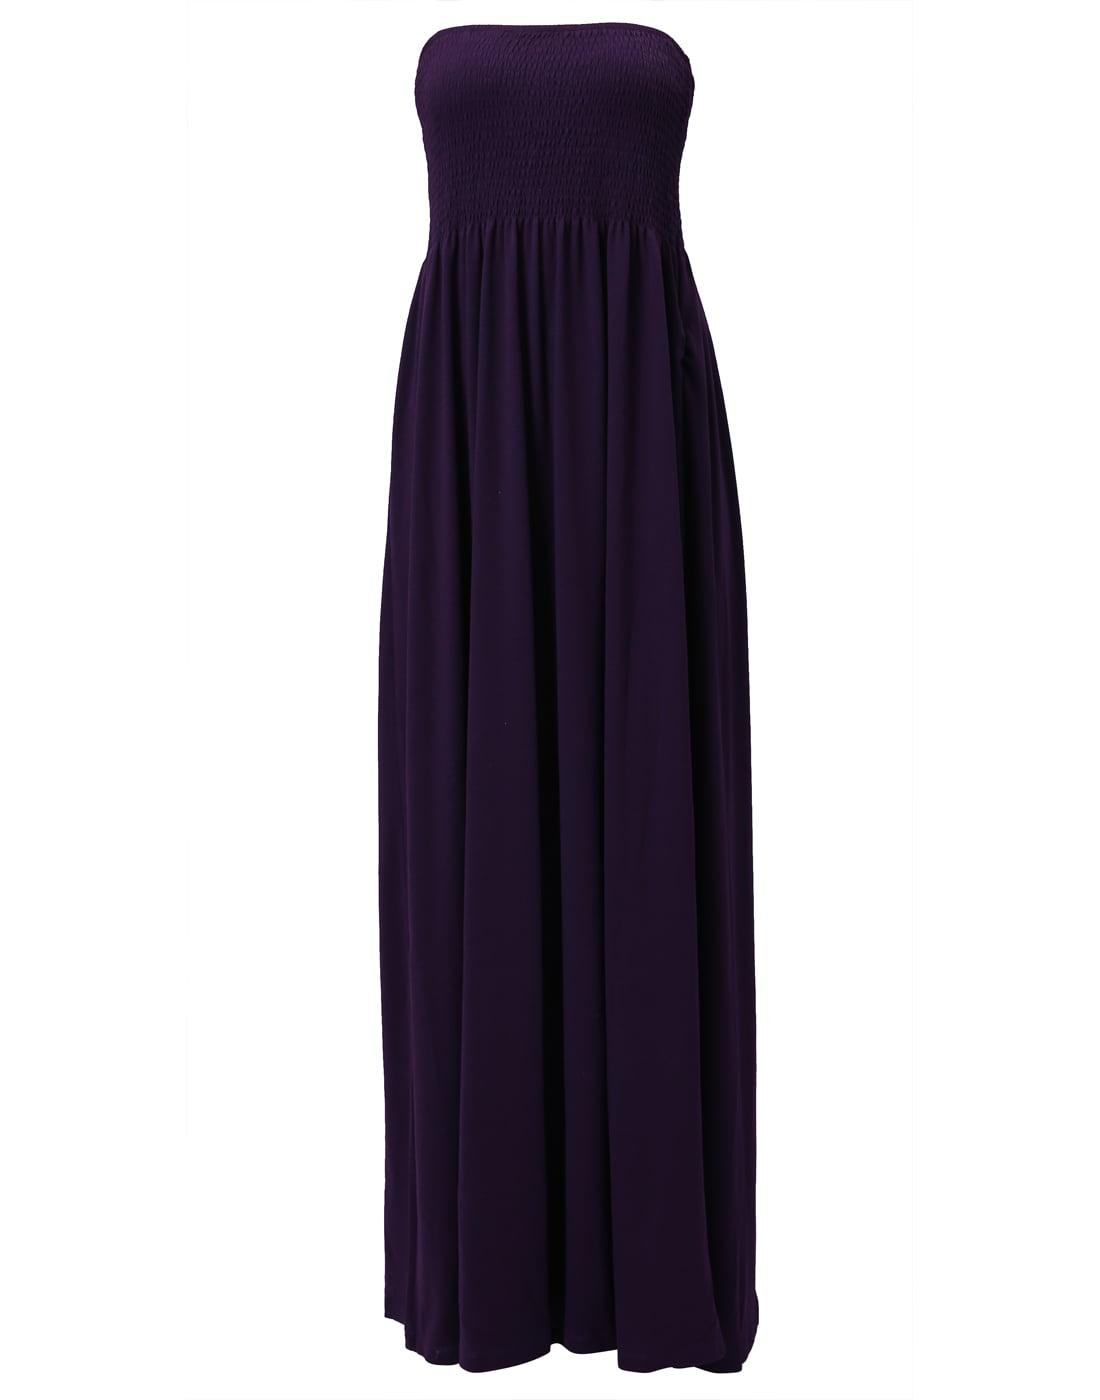 c36c20b9af5 Walmart Tube Top Maxi Dress - Gomes Weine AG